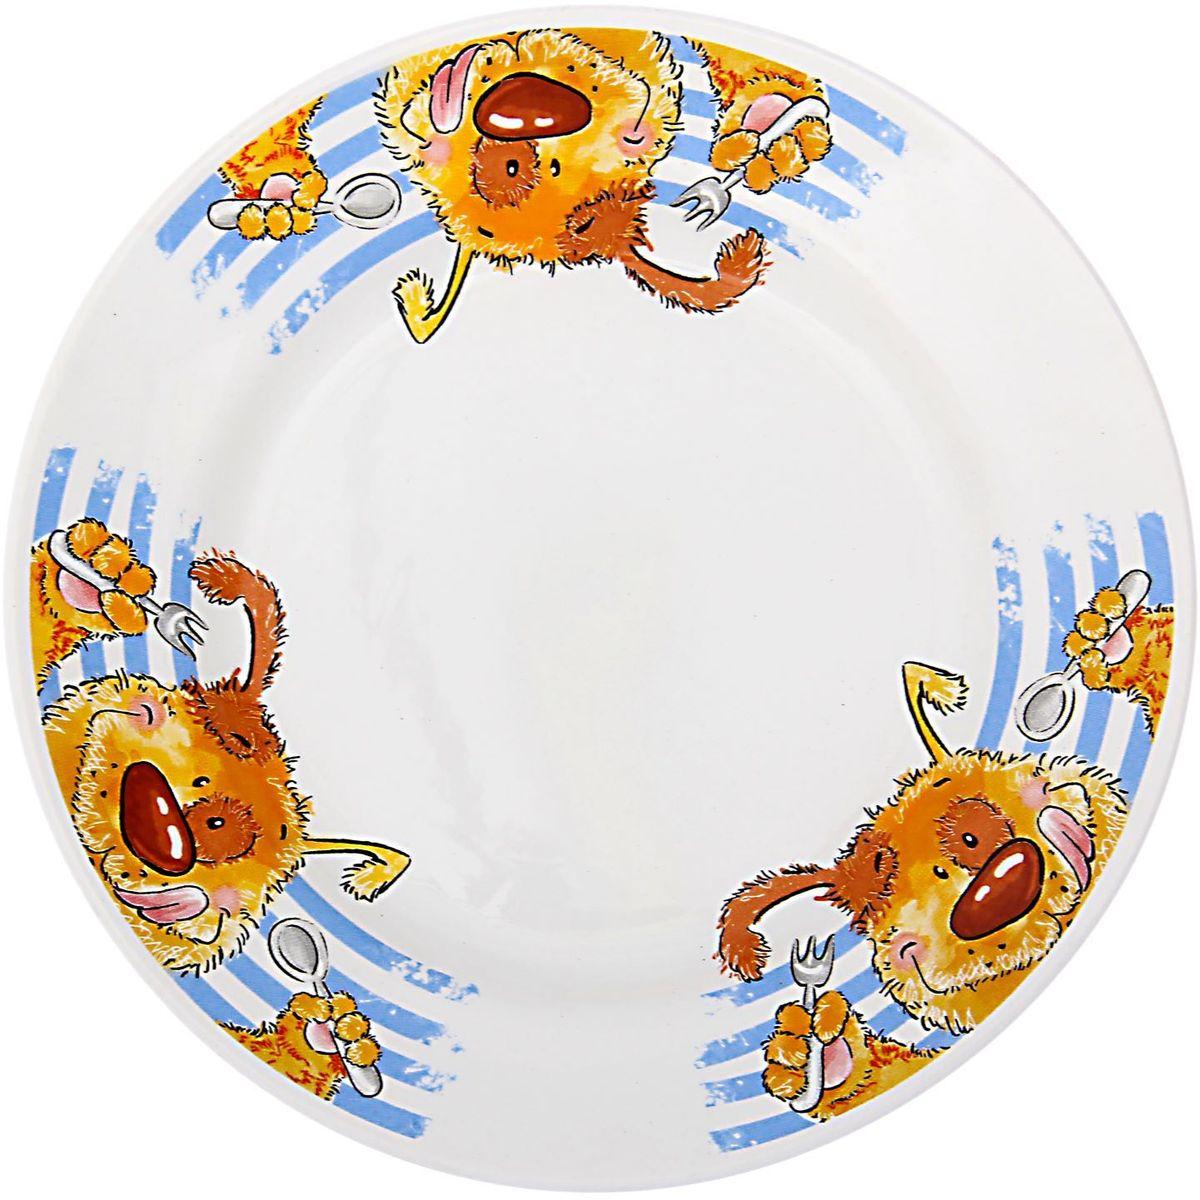 Кубаньфарфор Тарелка детская Дружок 14949771494977Фаянсовая детская посуда с забавным рисунком понравится каждому малышу. Изделие из качественного материала станет правильным выбором для повседневной эксплуатации и поможет превратить каждый прием пищи в радостное приключение.Особенности:- простота мойки,- стойкость к запахам,- насыщенный цвет.